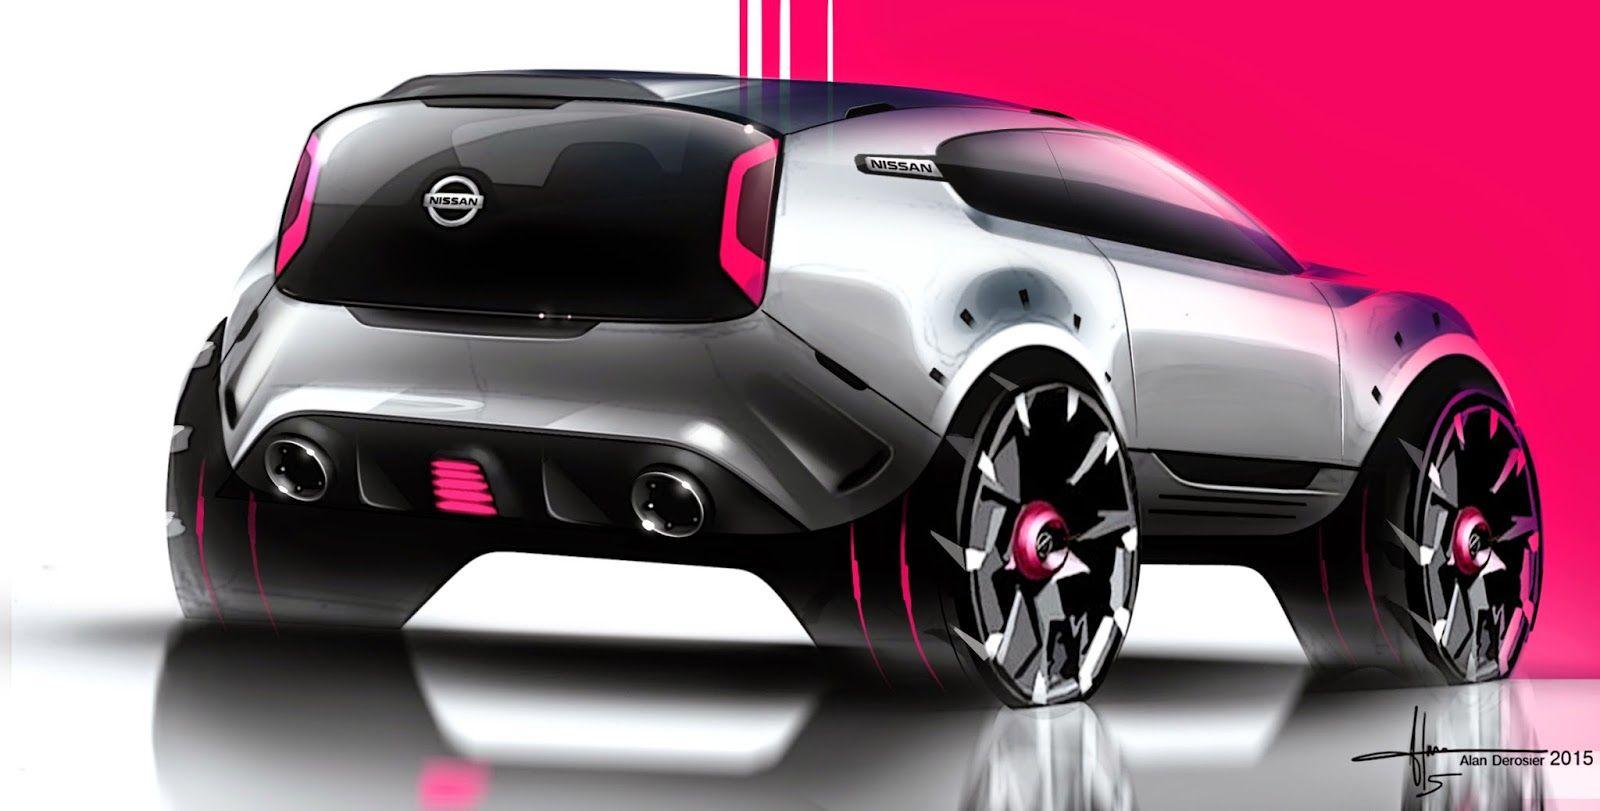 Nissan+CUV+Alan+Derosier.jpg (1600×811)